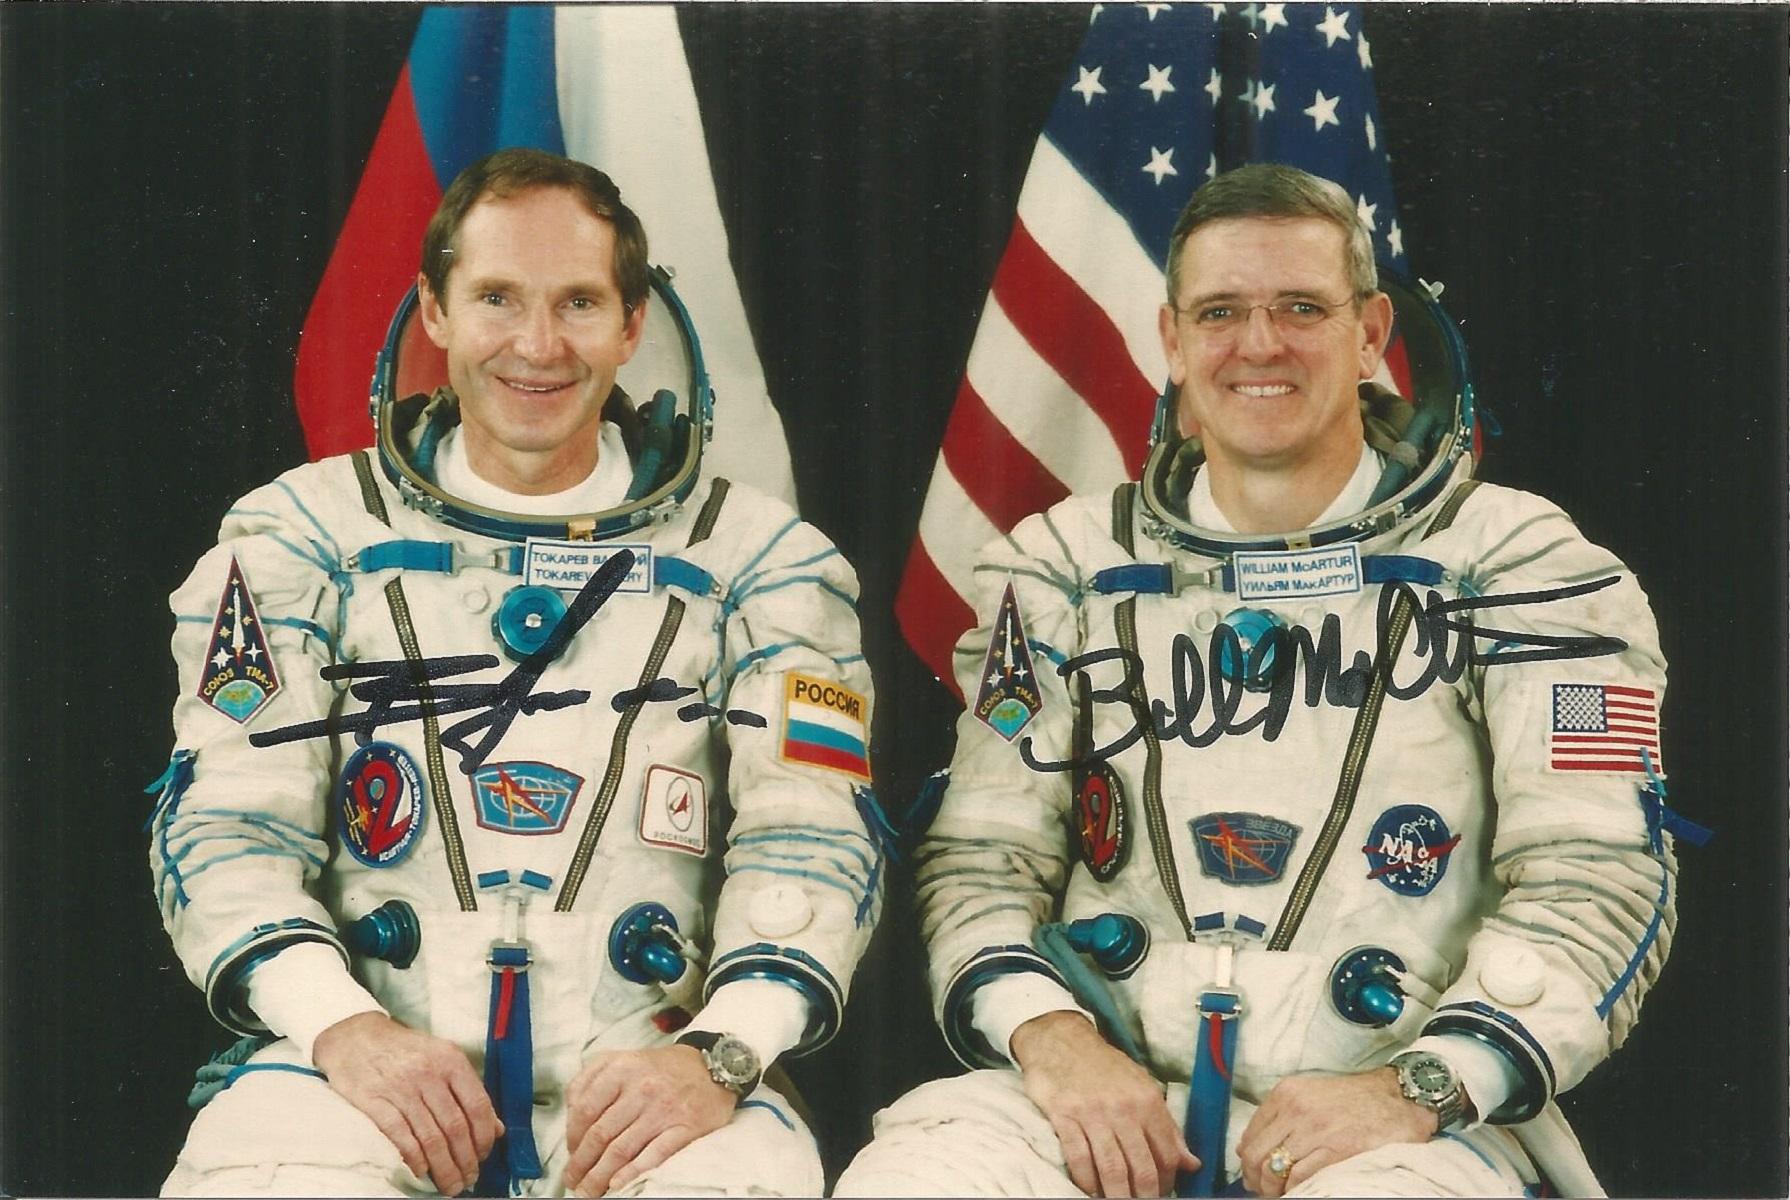 Valeri Tokarev Russian Soyuz Cosmonaut and William McArthur American Soyuz Cosmonaut signed 6 x 4